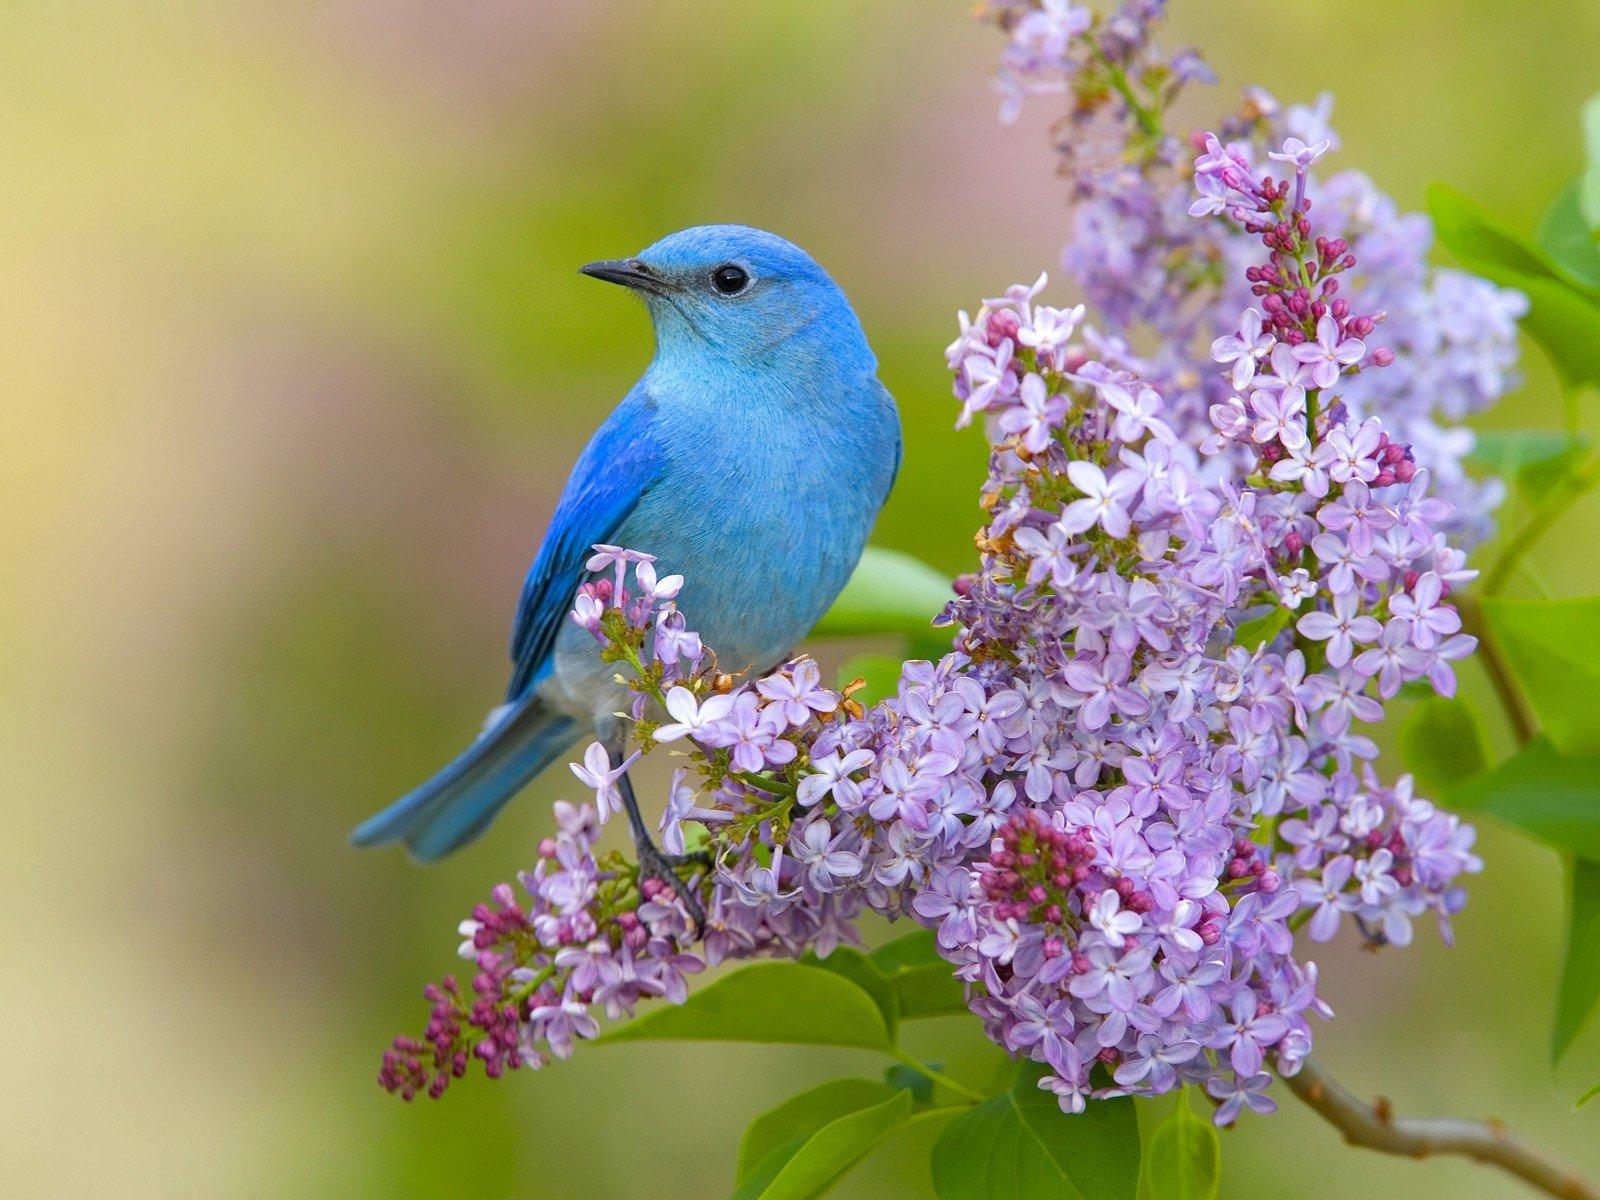 Flowers birds lilac bluebirds wallpaper 1600x1200 328072 1600x1200